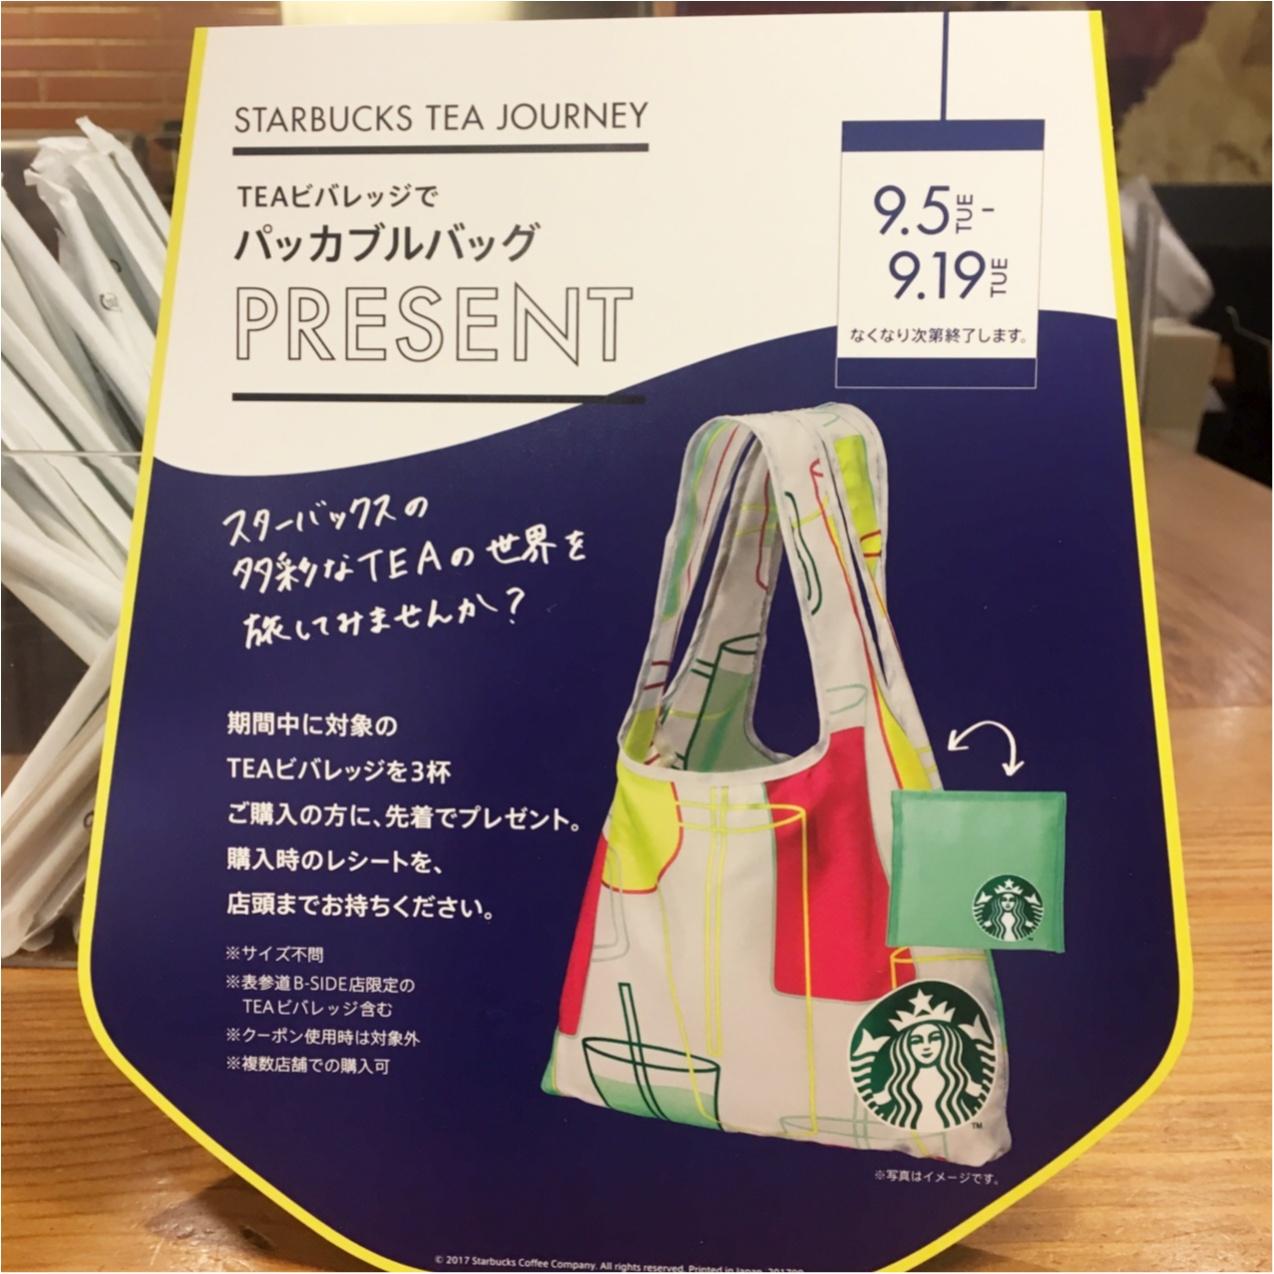 【9月19日まで】もうGETした!?スターバックスで購入すると『 パッカブルバッグ 』かもらえるキャンペーンが実施中♡_1